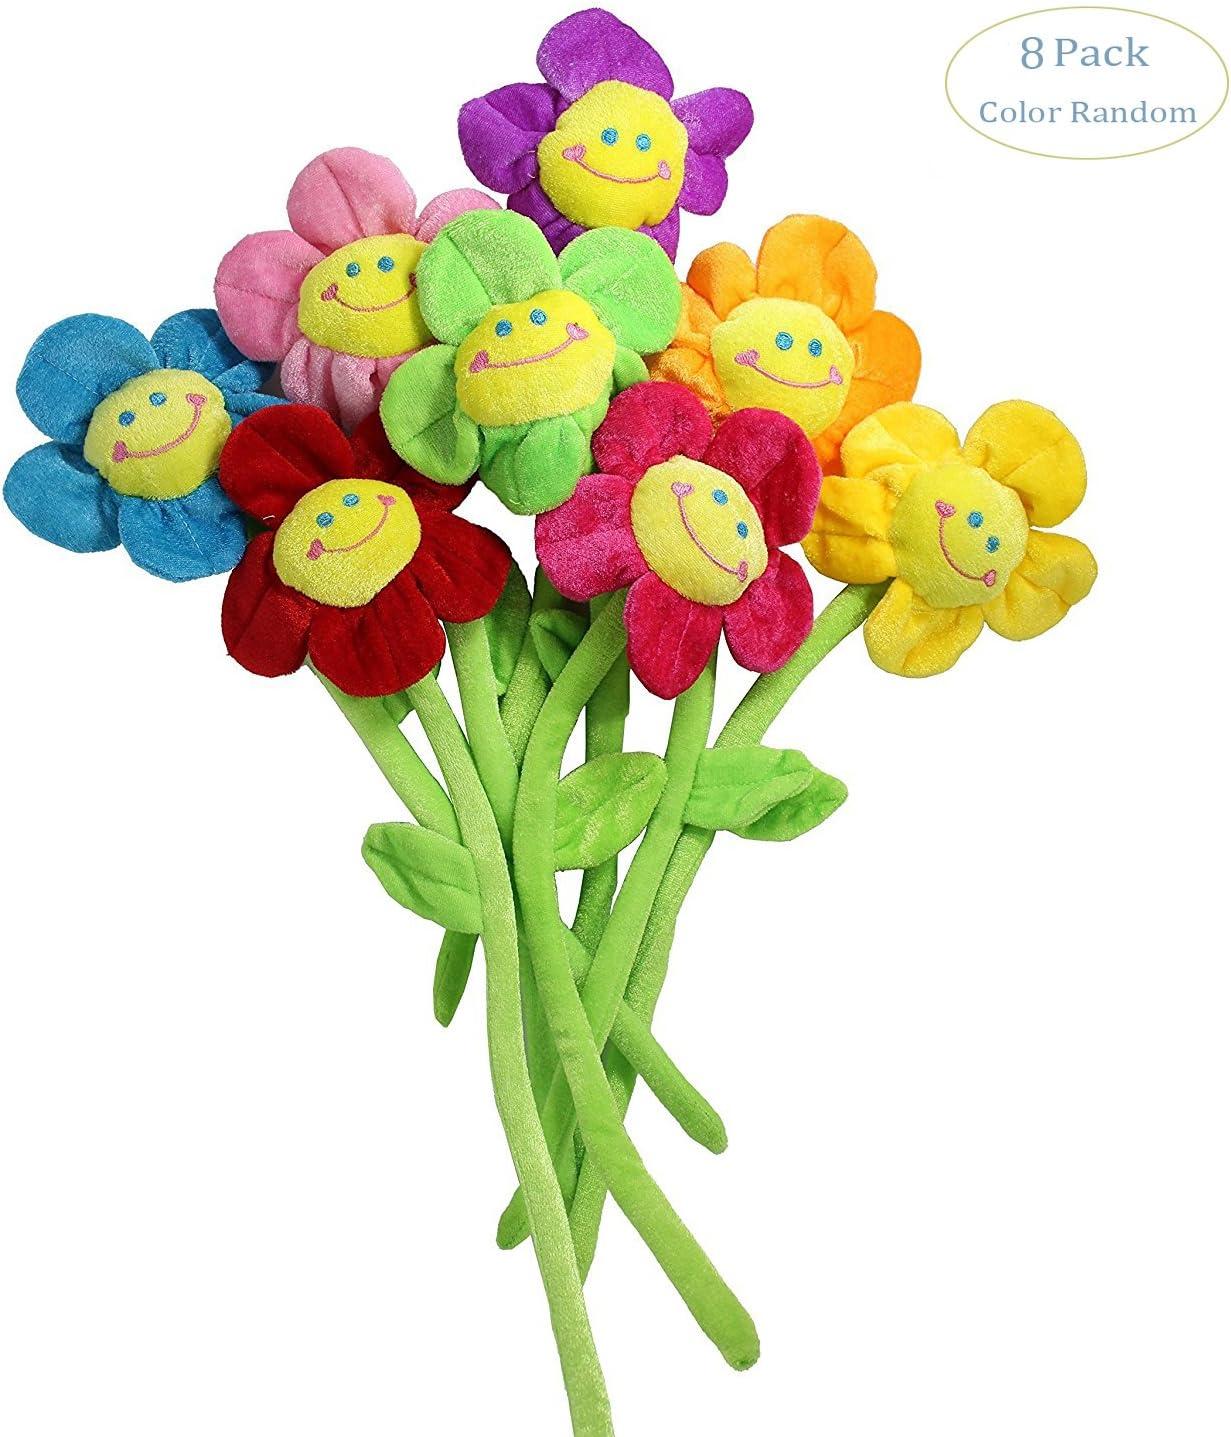 Hangnuo peluche Flores de sol con carita sonriente margaritas, se pueden doblar, sirven como alzapaños para cortinas, decoración habitaciones, bodas o fiestas, regalo de cumpleaños, varitas mágicas